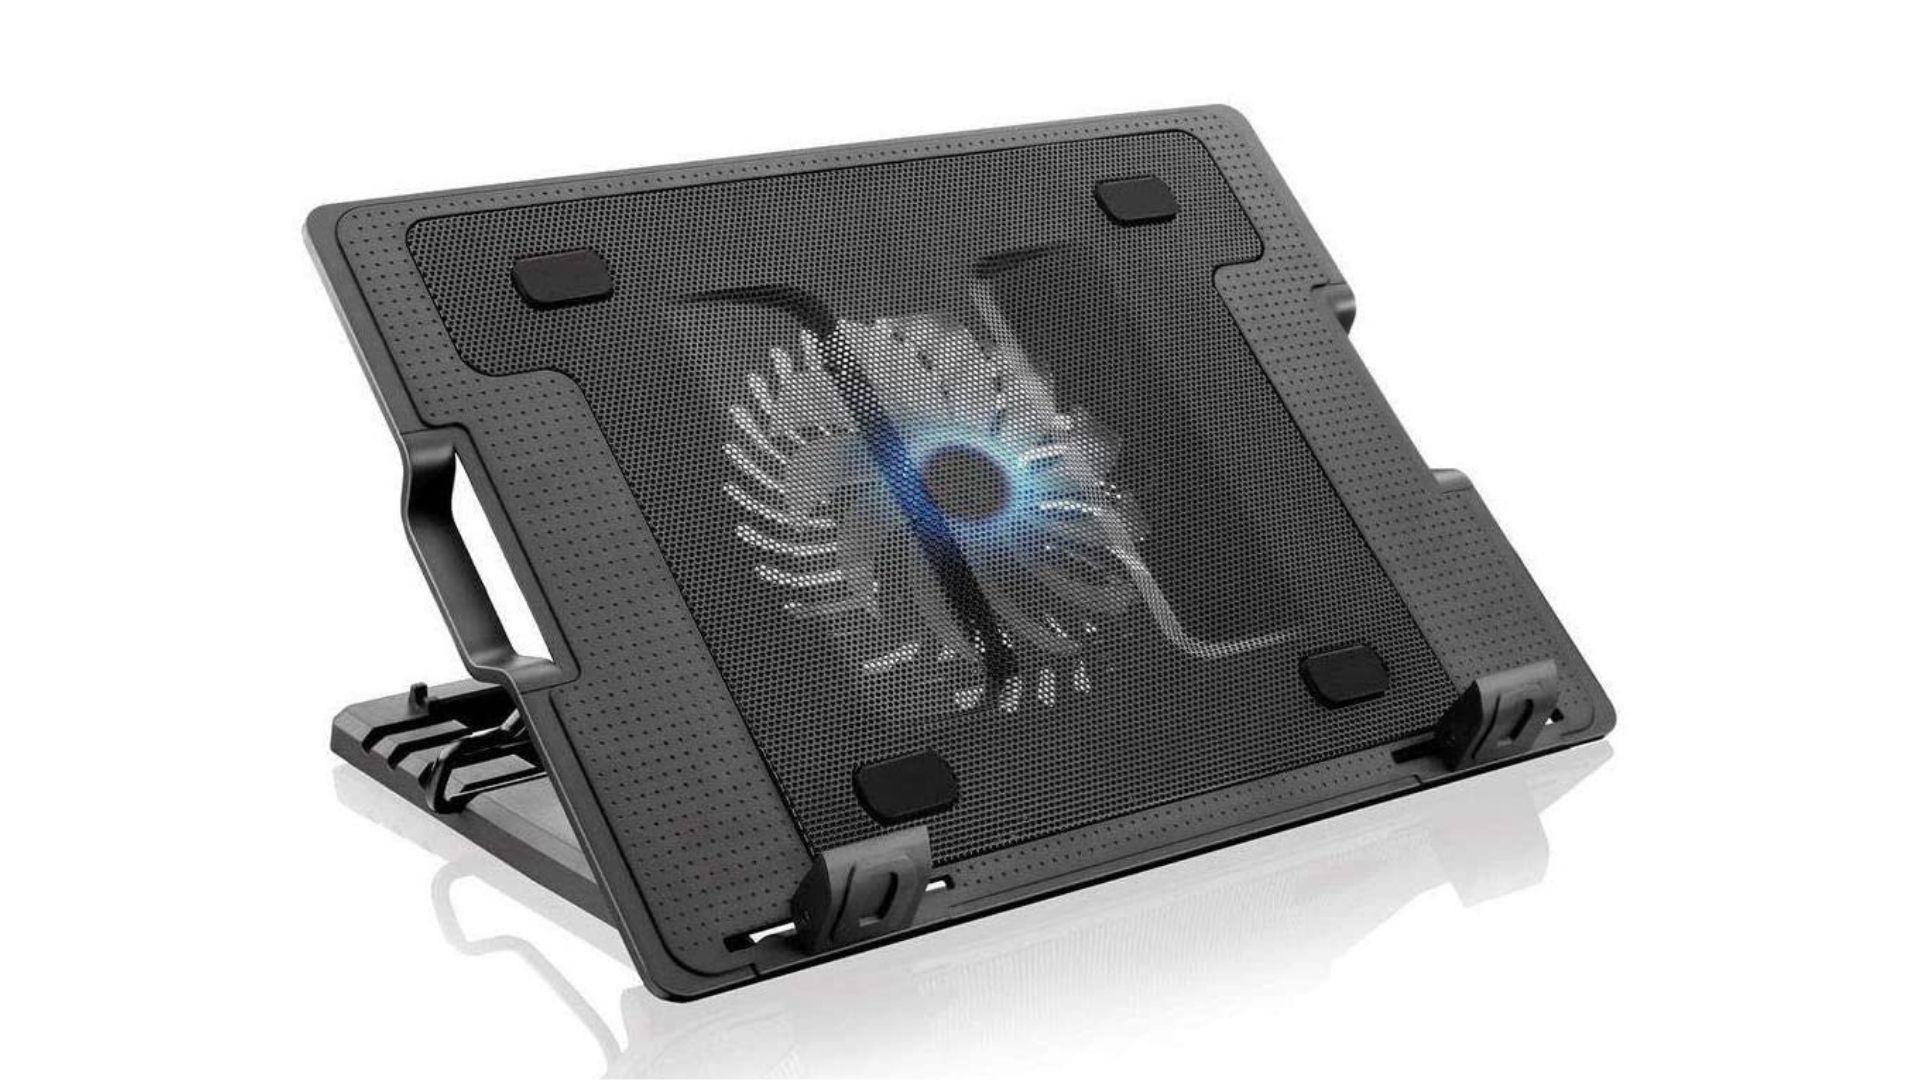 Modelo de suporte para notebook da Knup oferece qualidade por um bom preço (Foto: Reprodução)